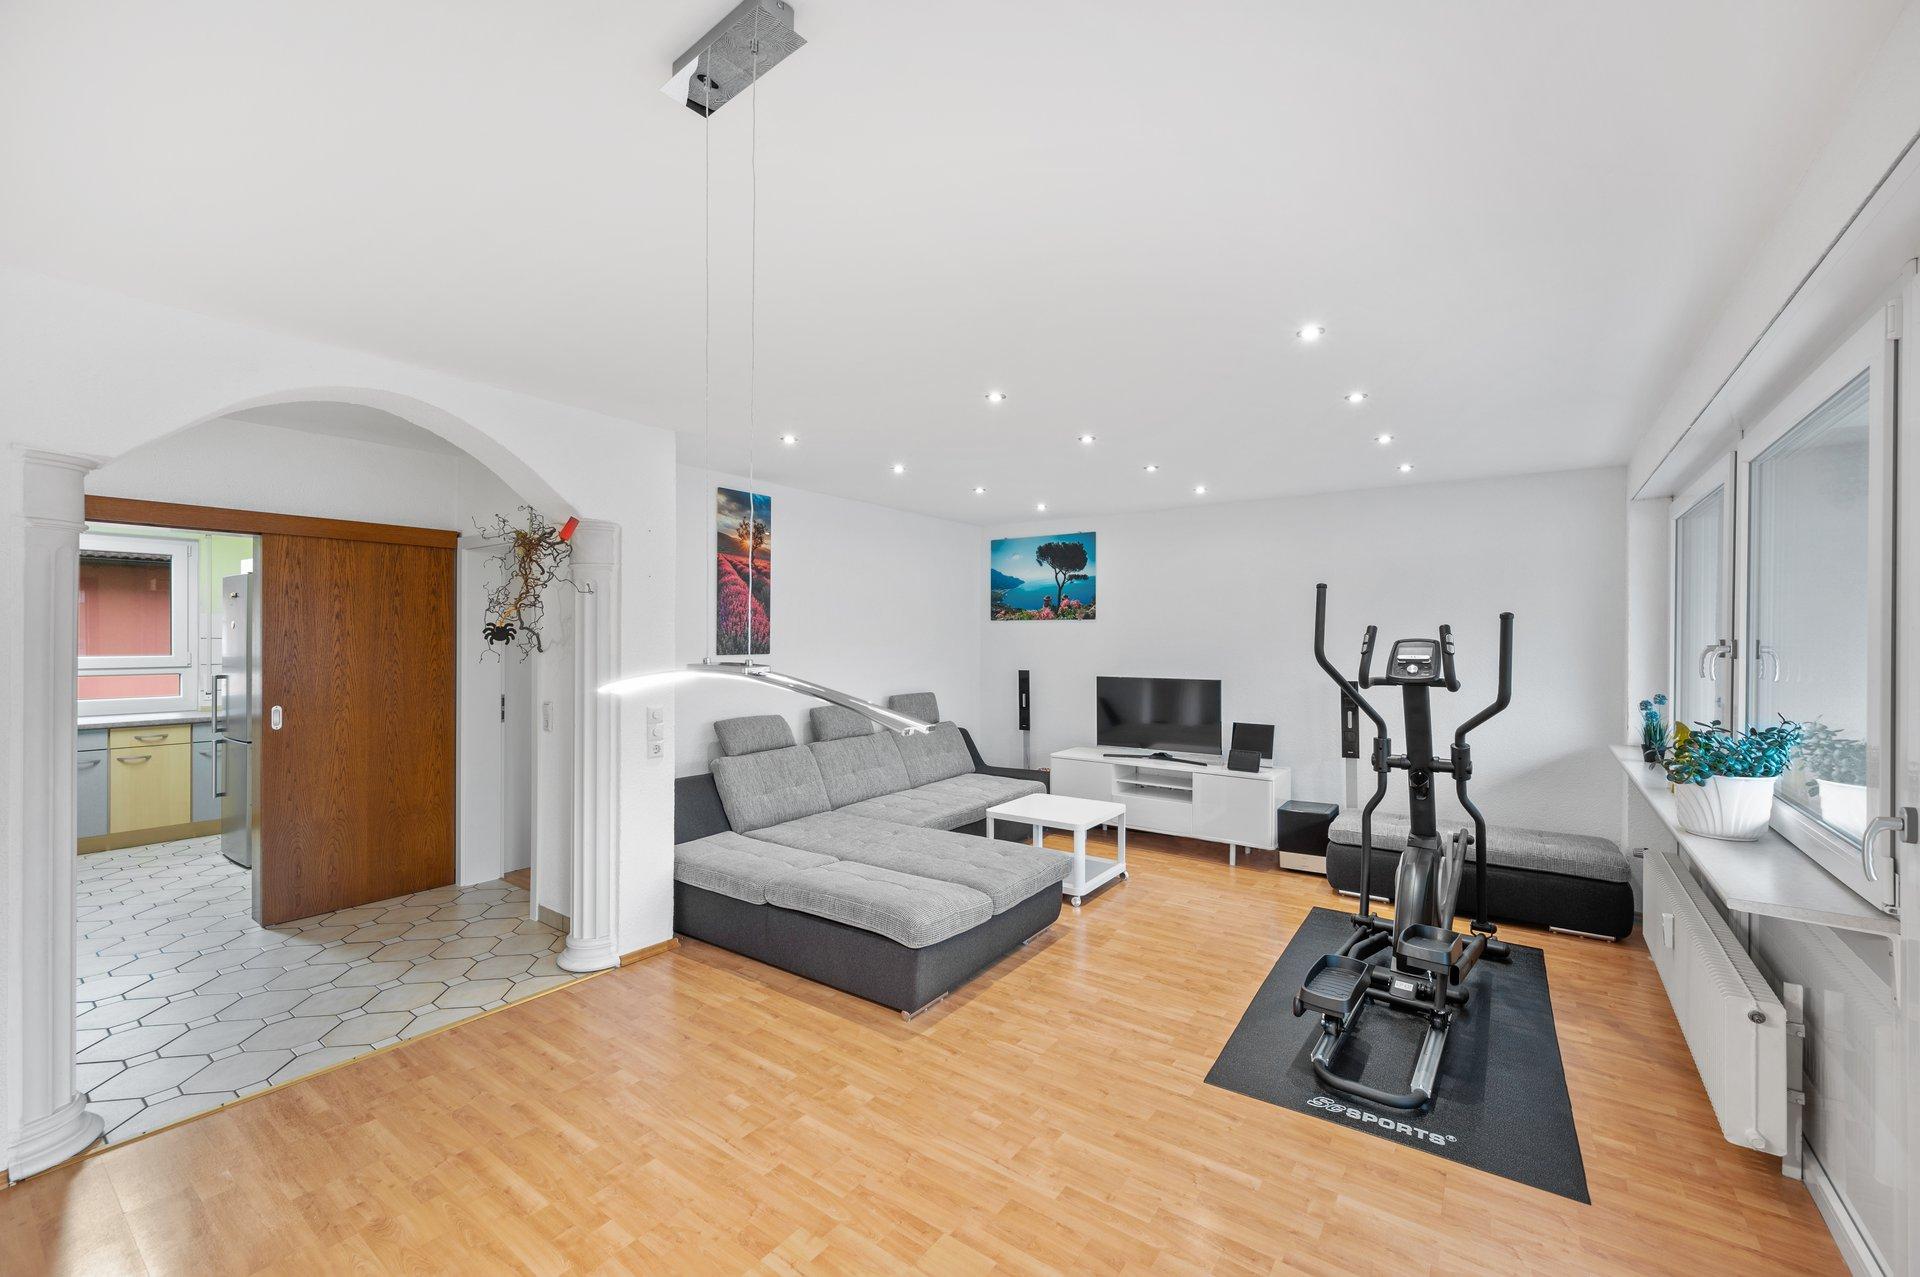 Große 3-Zimmer Eigentumswohnung mit Loggia und Garage in zentraler Lage Rheinfelden-Karsau